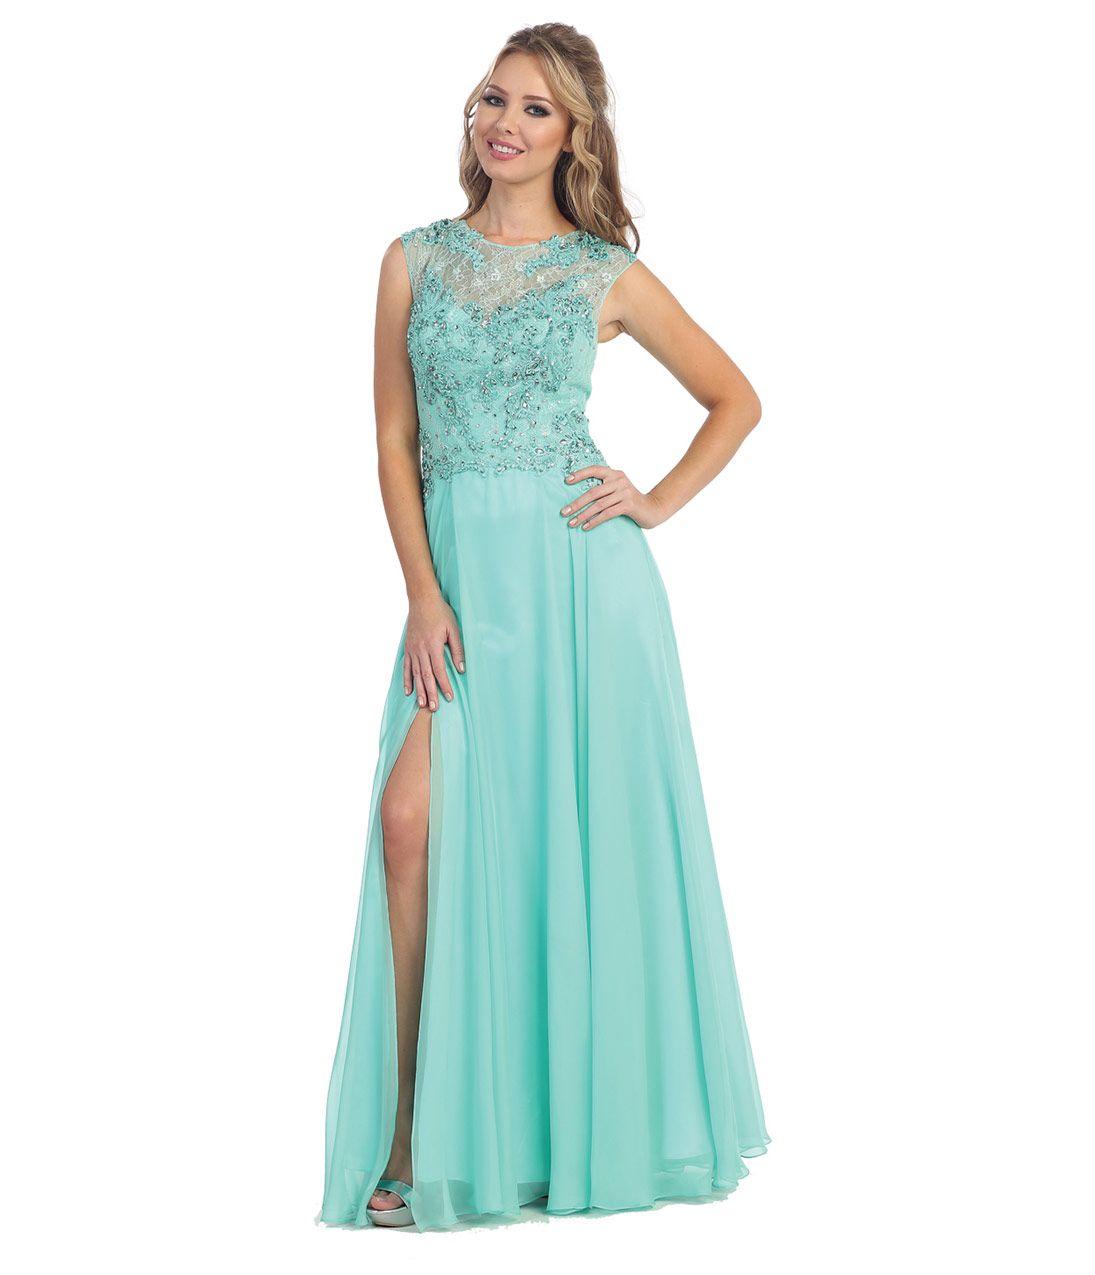 Ausgezeichnet Prom Kleider Gatsby Zeitgenössisch - Hochzeit Kleid ...